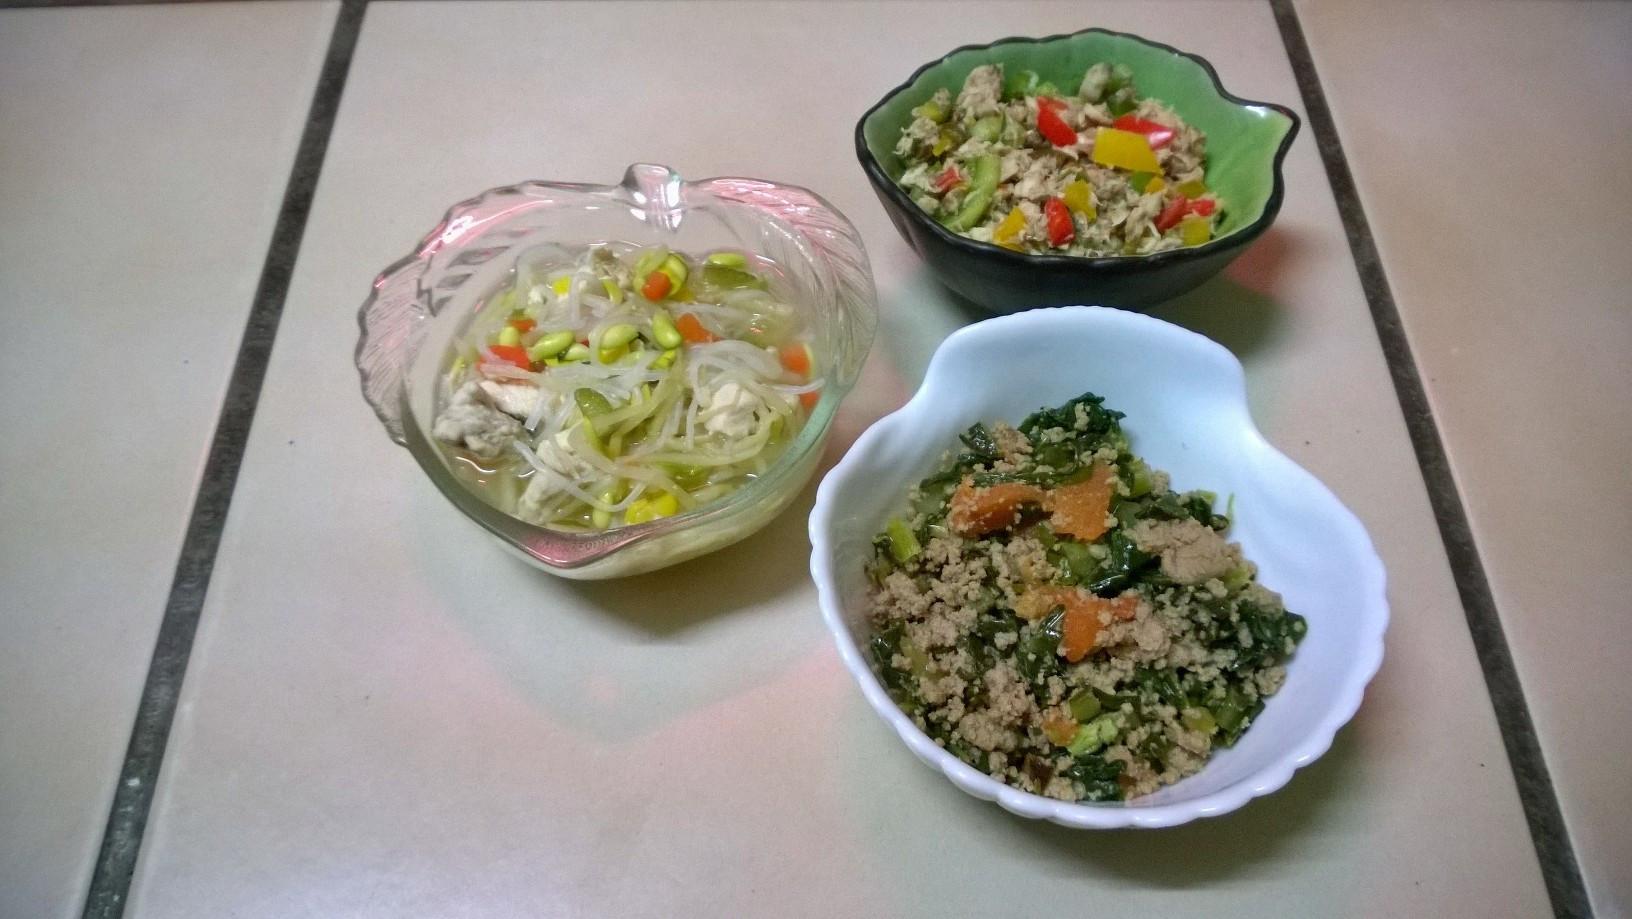 鮮食🐾 豆芽湯麵 煎烏魚 芥藍炒牛肉